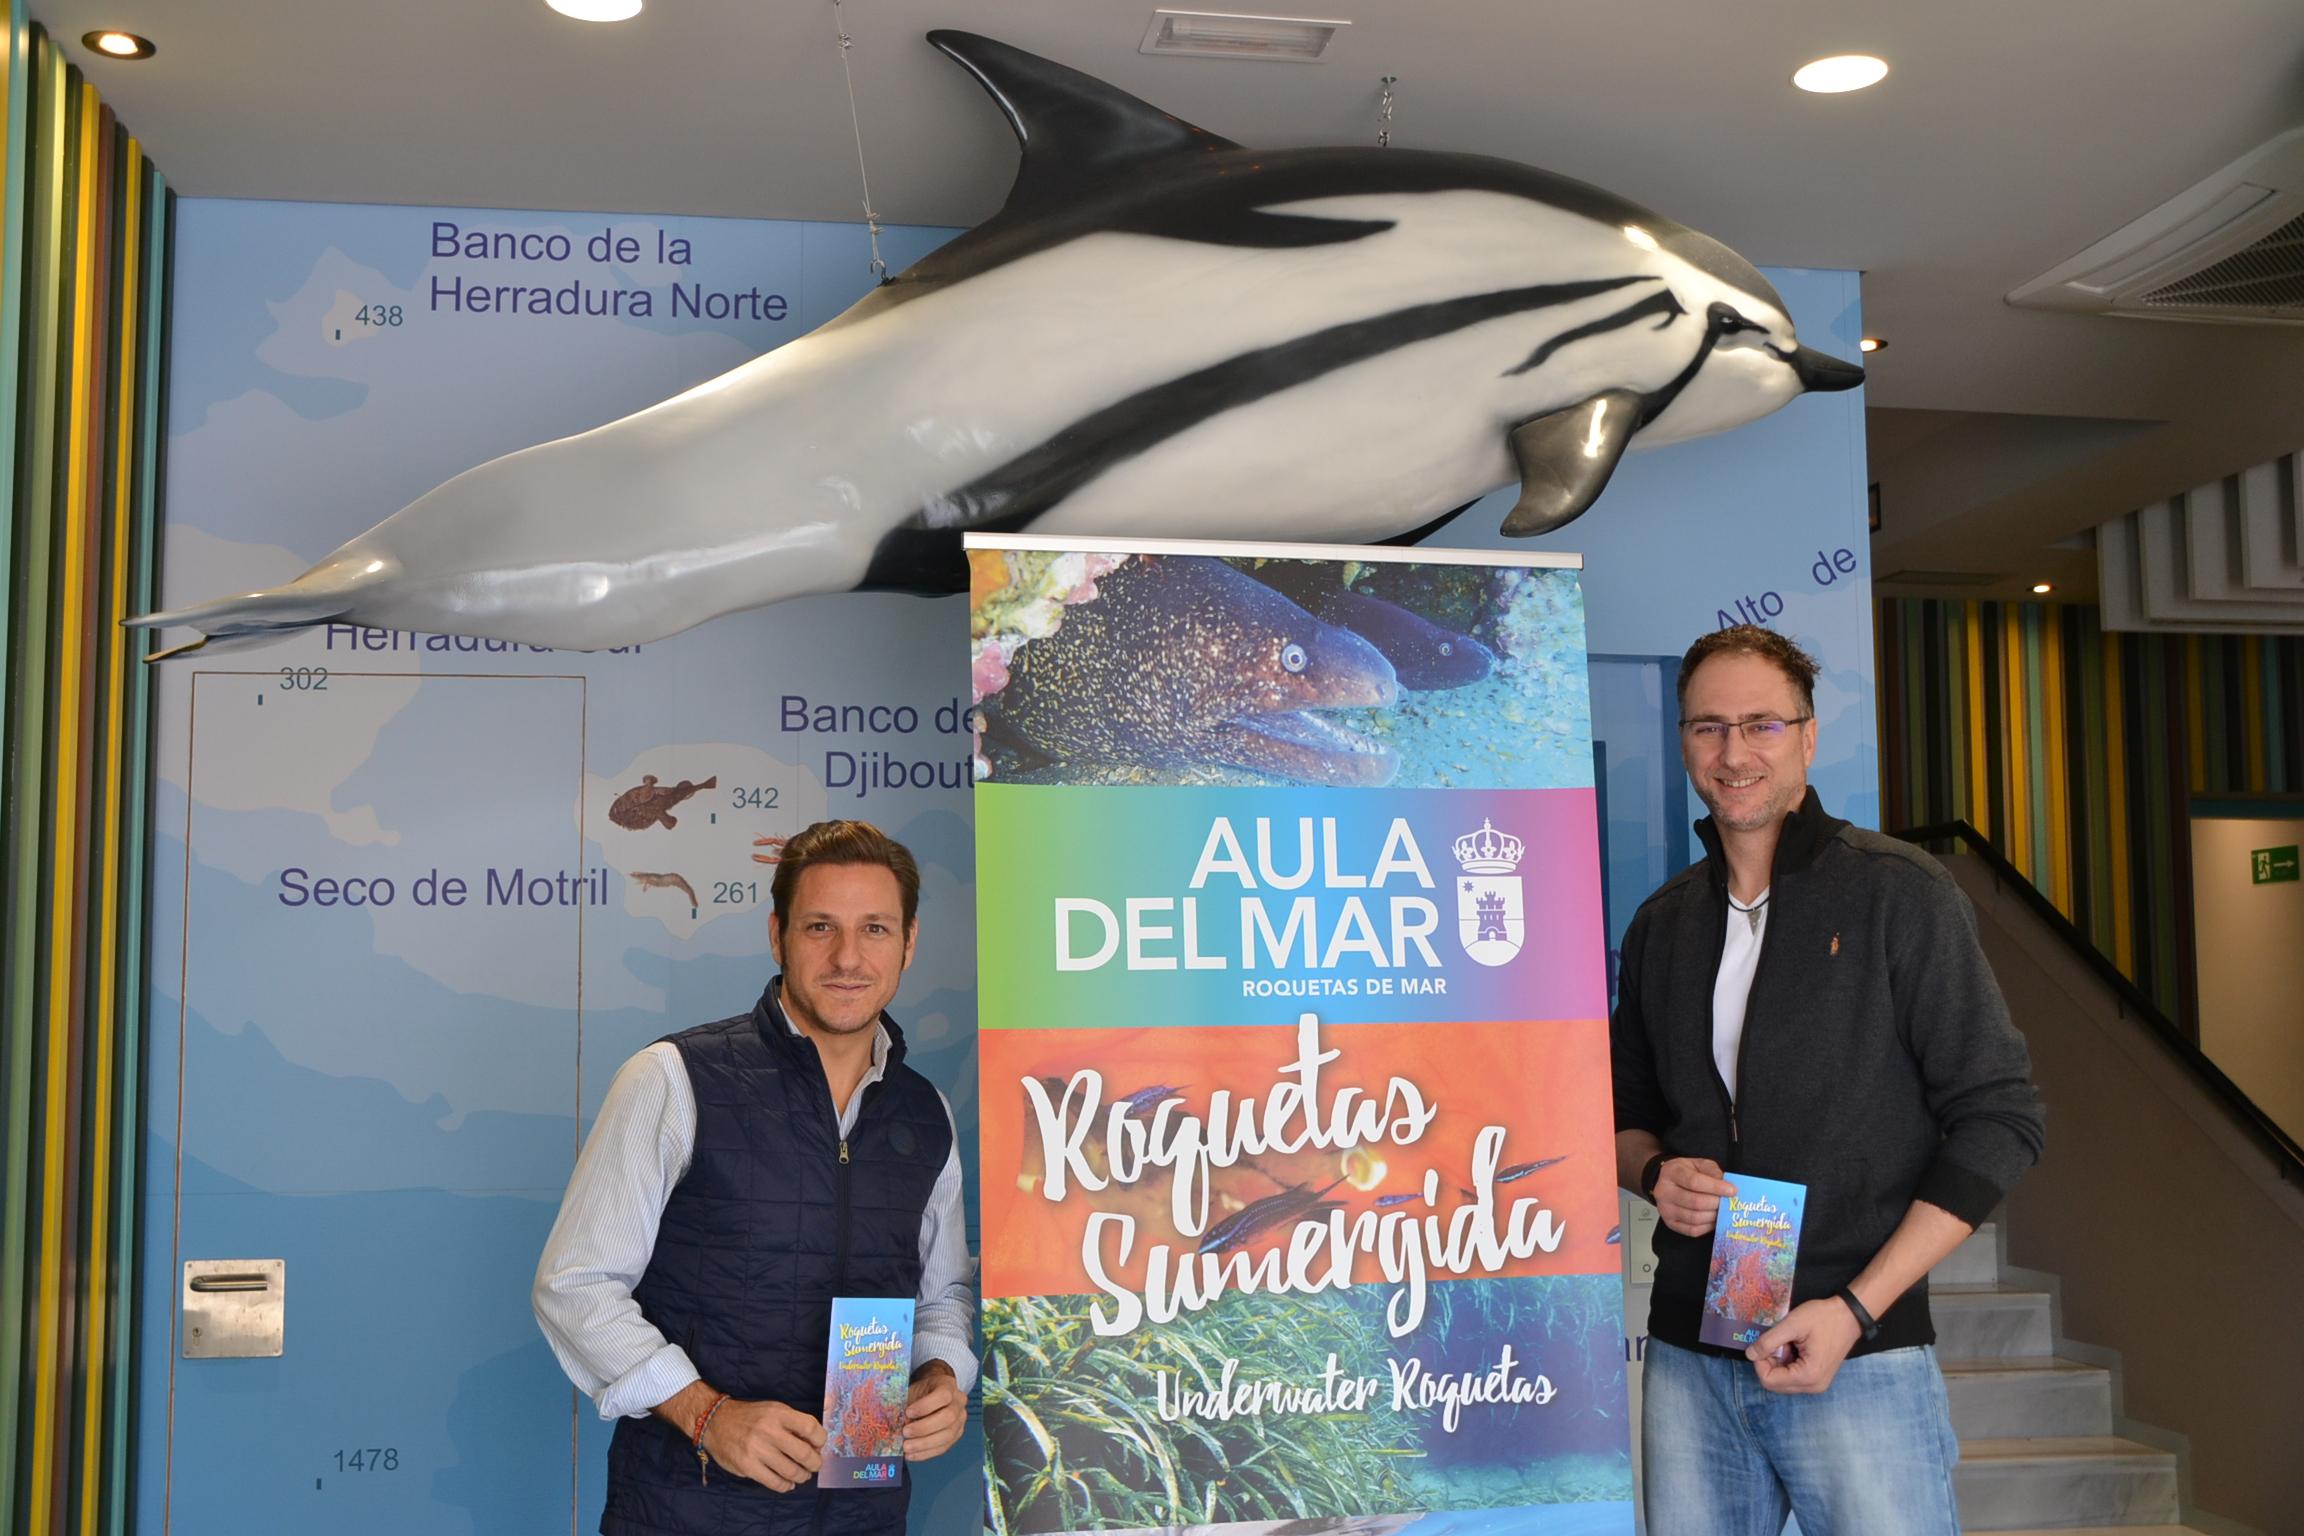 El Aula del Mar se acerca a los 15.000 visitantes en 2017